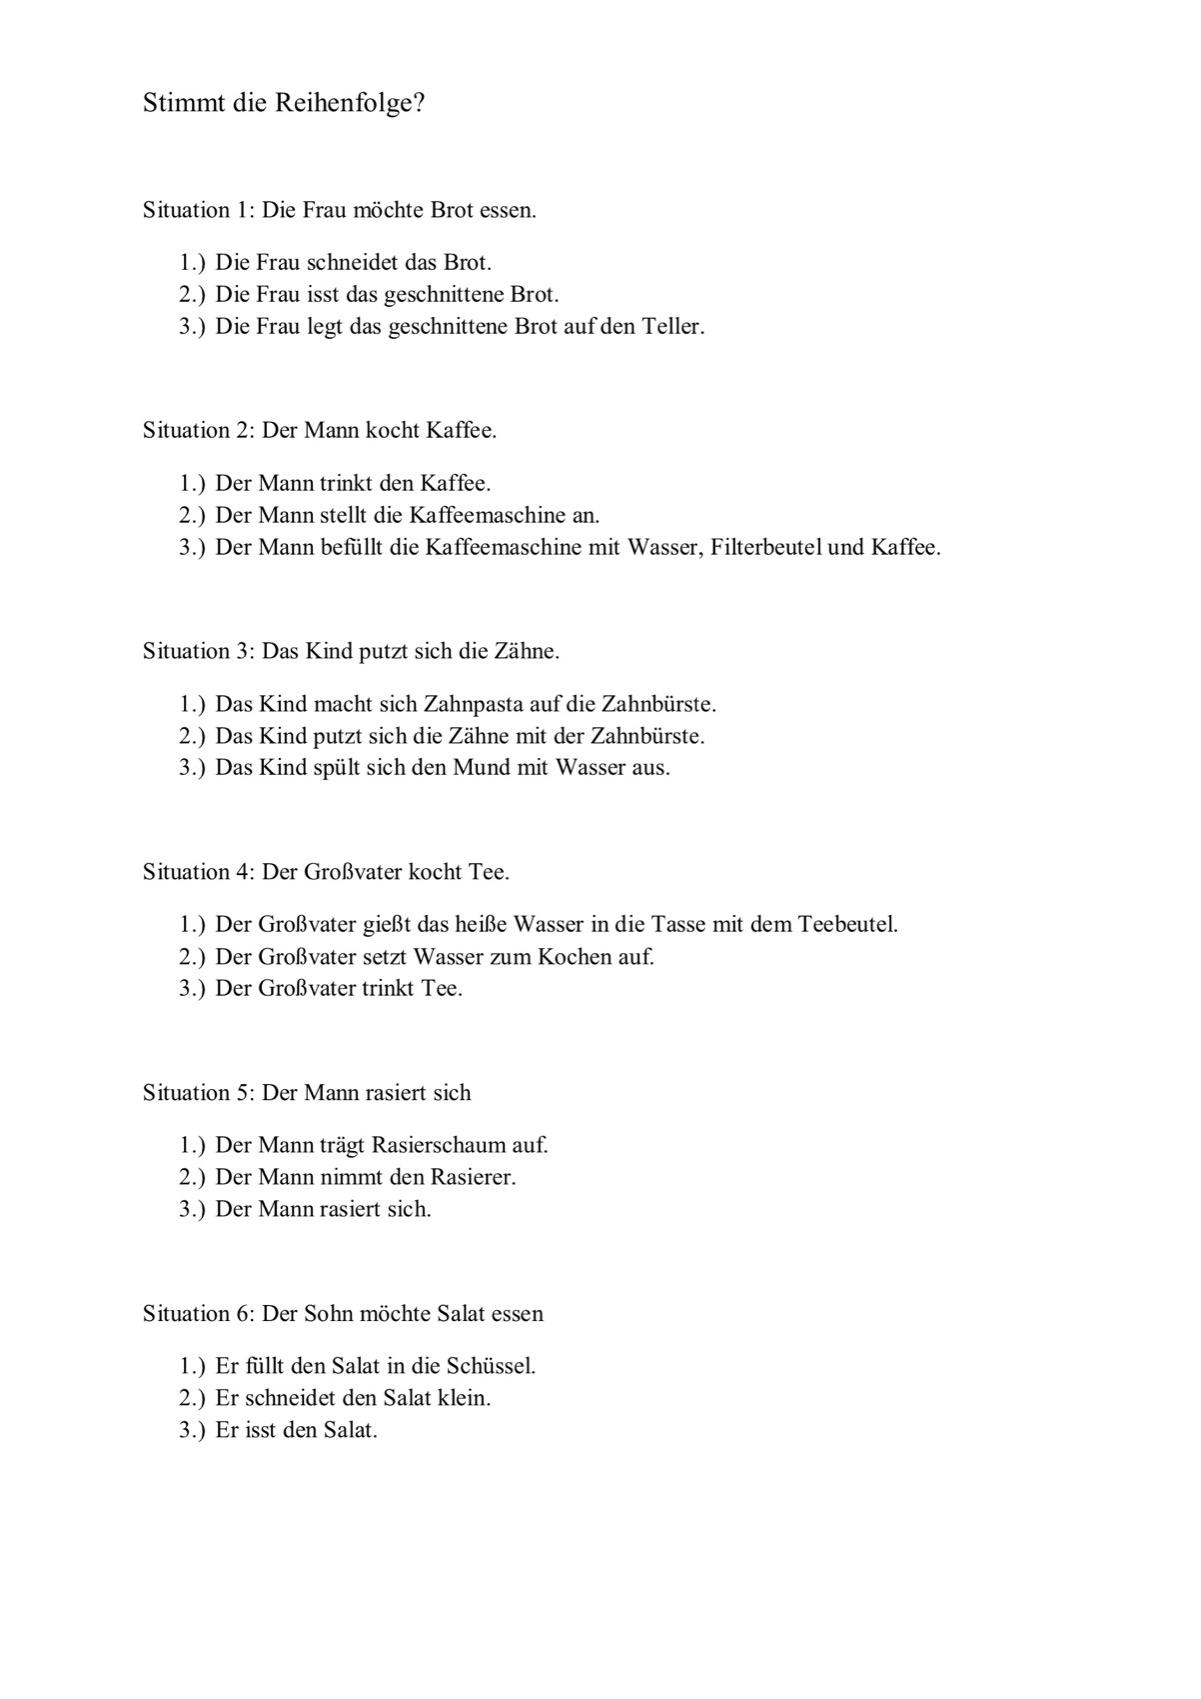 Sammlungen mit Wortfindung im semantischen Feld Herbst - Aphasie ...